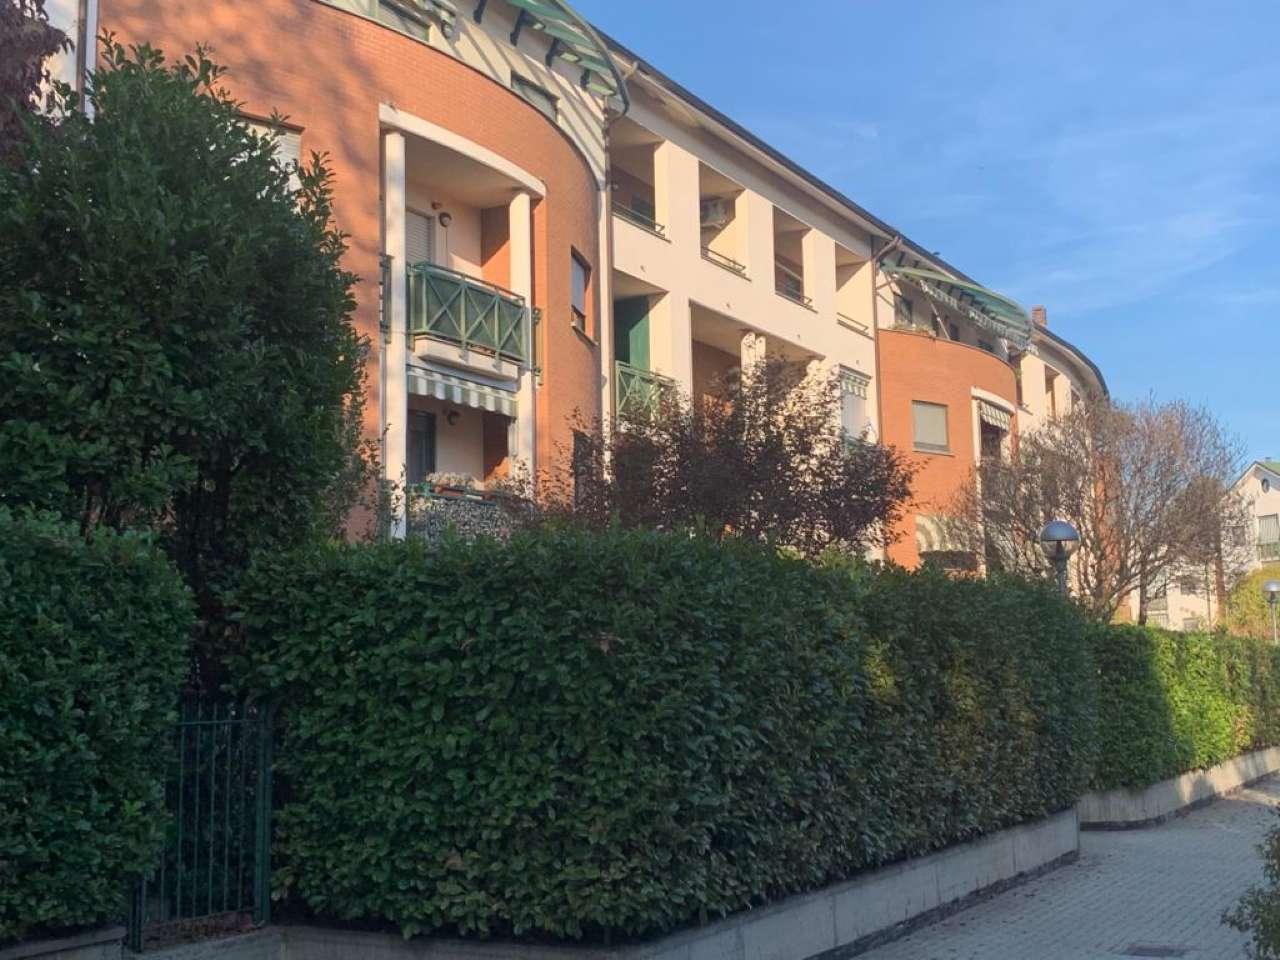 Appartamento in vendita a Borgaro Torinese, 3 locali, prezzo € 148.000 | CambioCasa.it